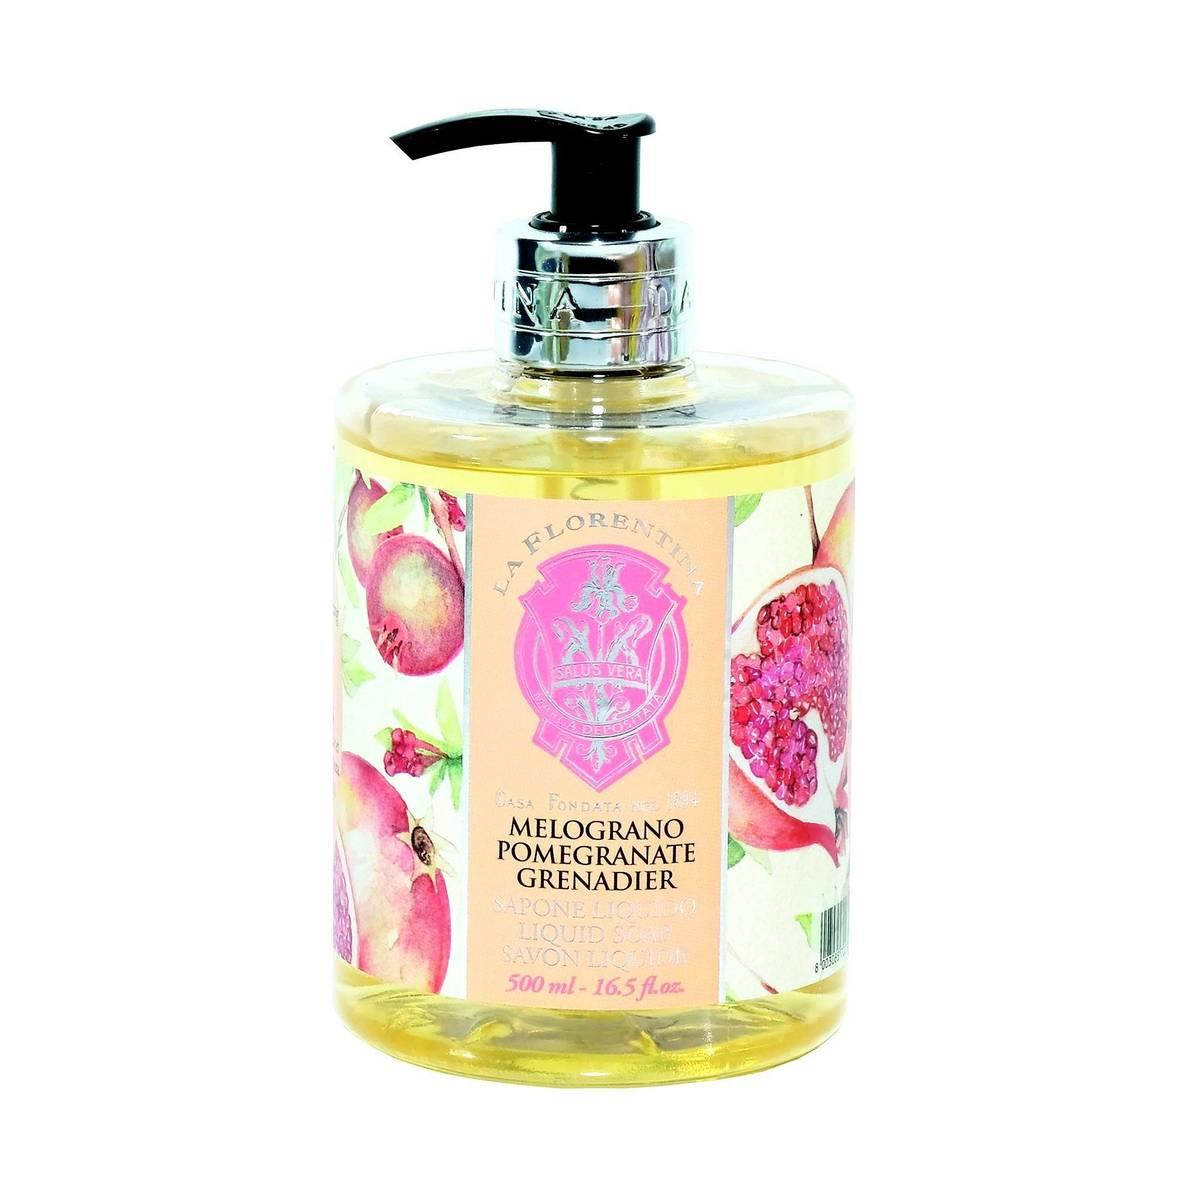 La Florentina Pomegranat Hand Soap 500 ml